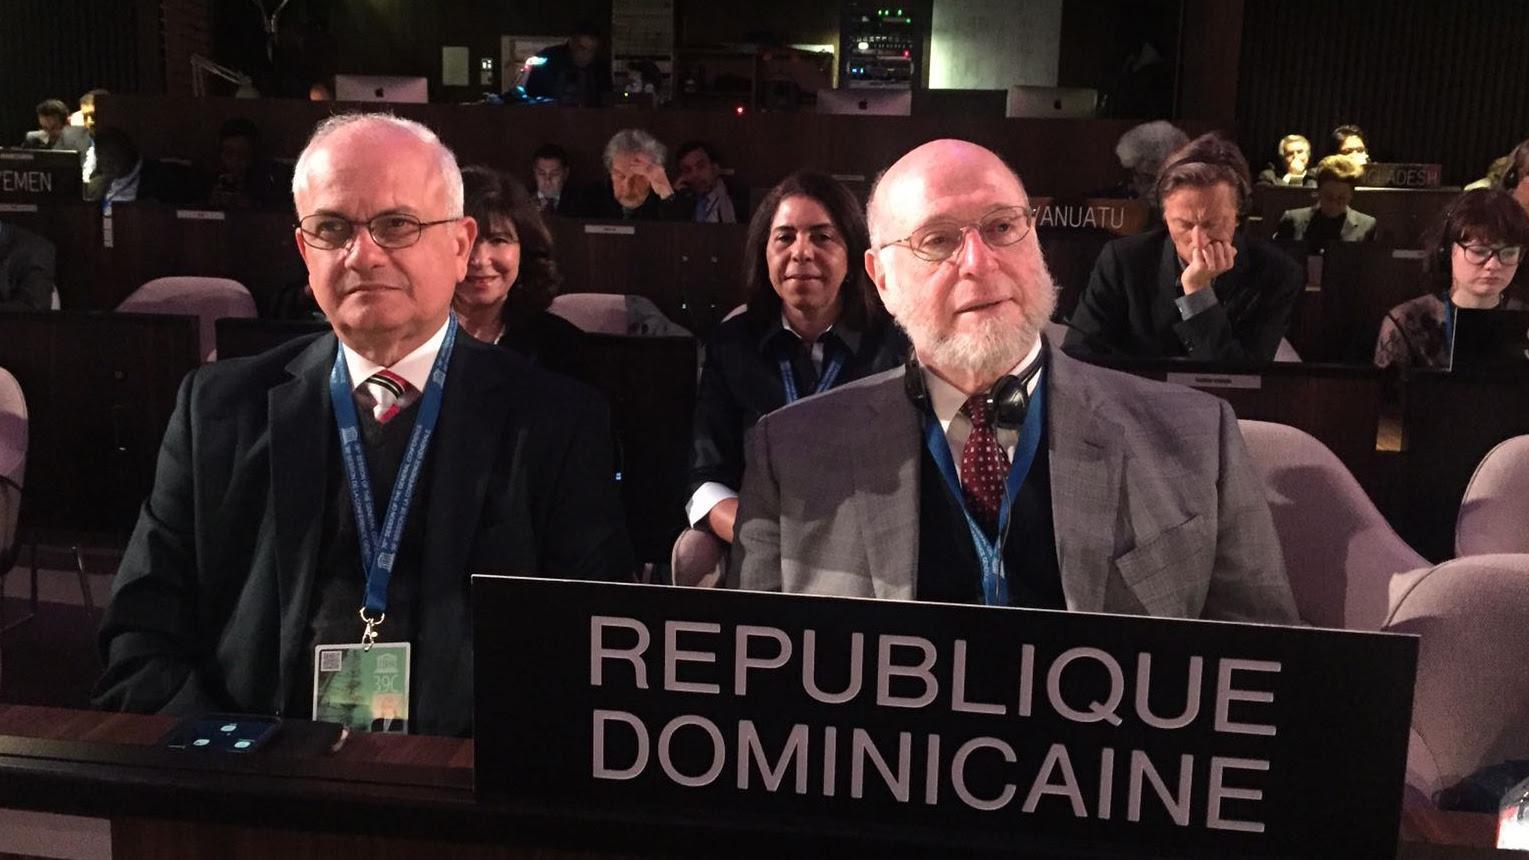 Pedro Vergés expone ante UNESCO avances alcanzados por República Dominicana en educación y cultura